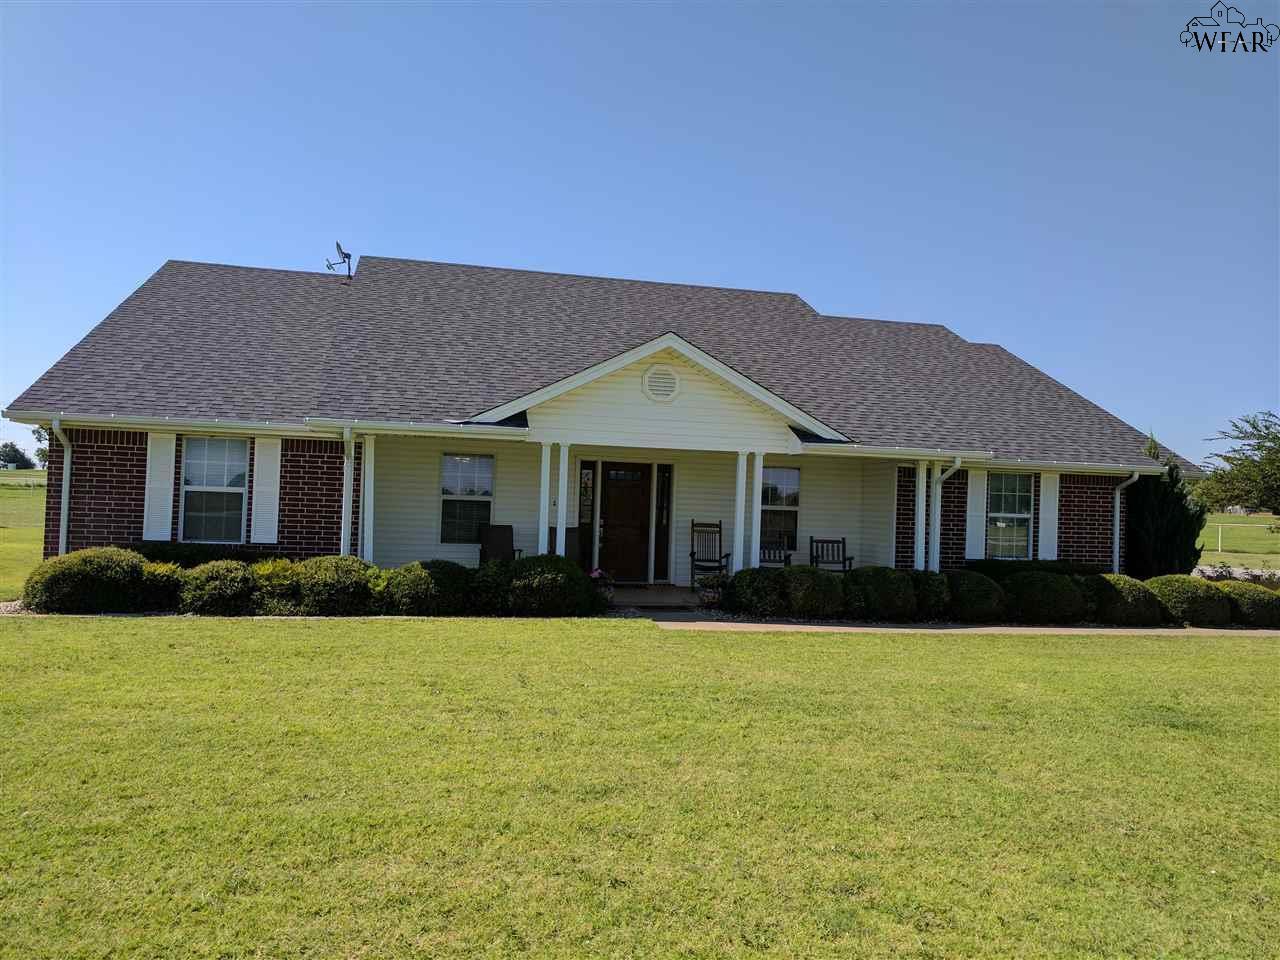 3 River Creek Estates, Wichita Falls, TX 76305